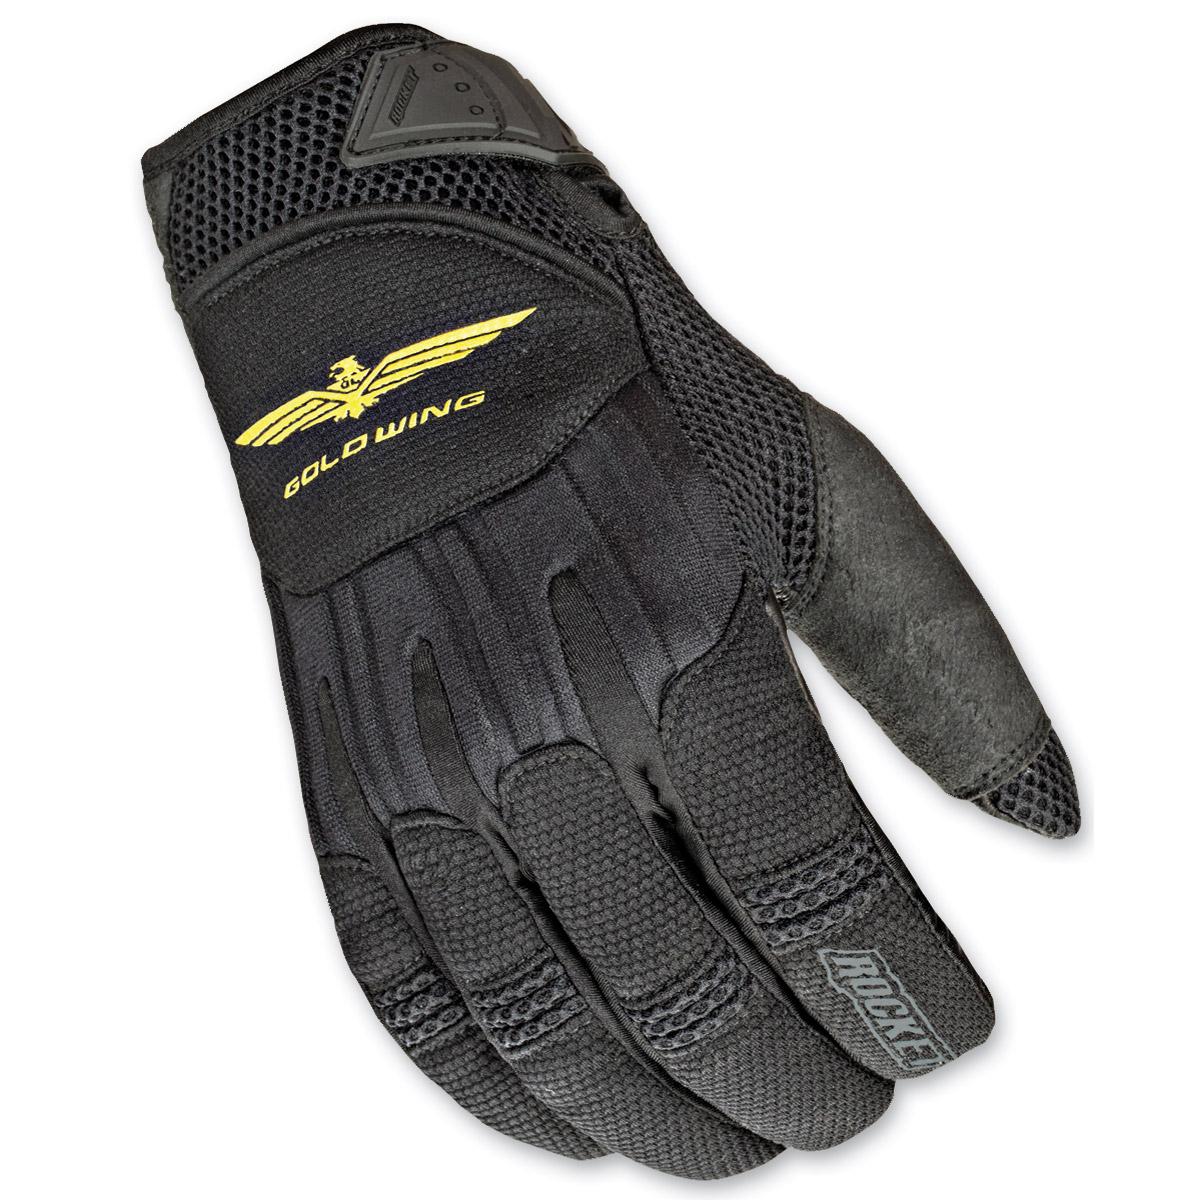 Joe Rocket Women's Goldwing Skyline Mesh Black Gloves